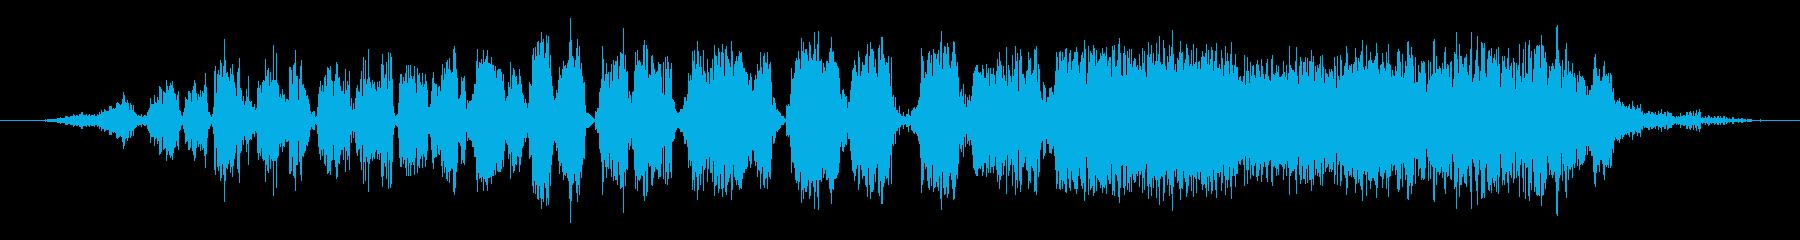 ジャグカットショートの再生済みの波形